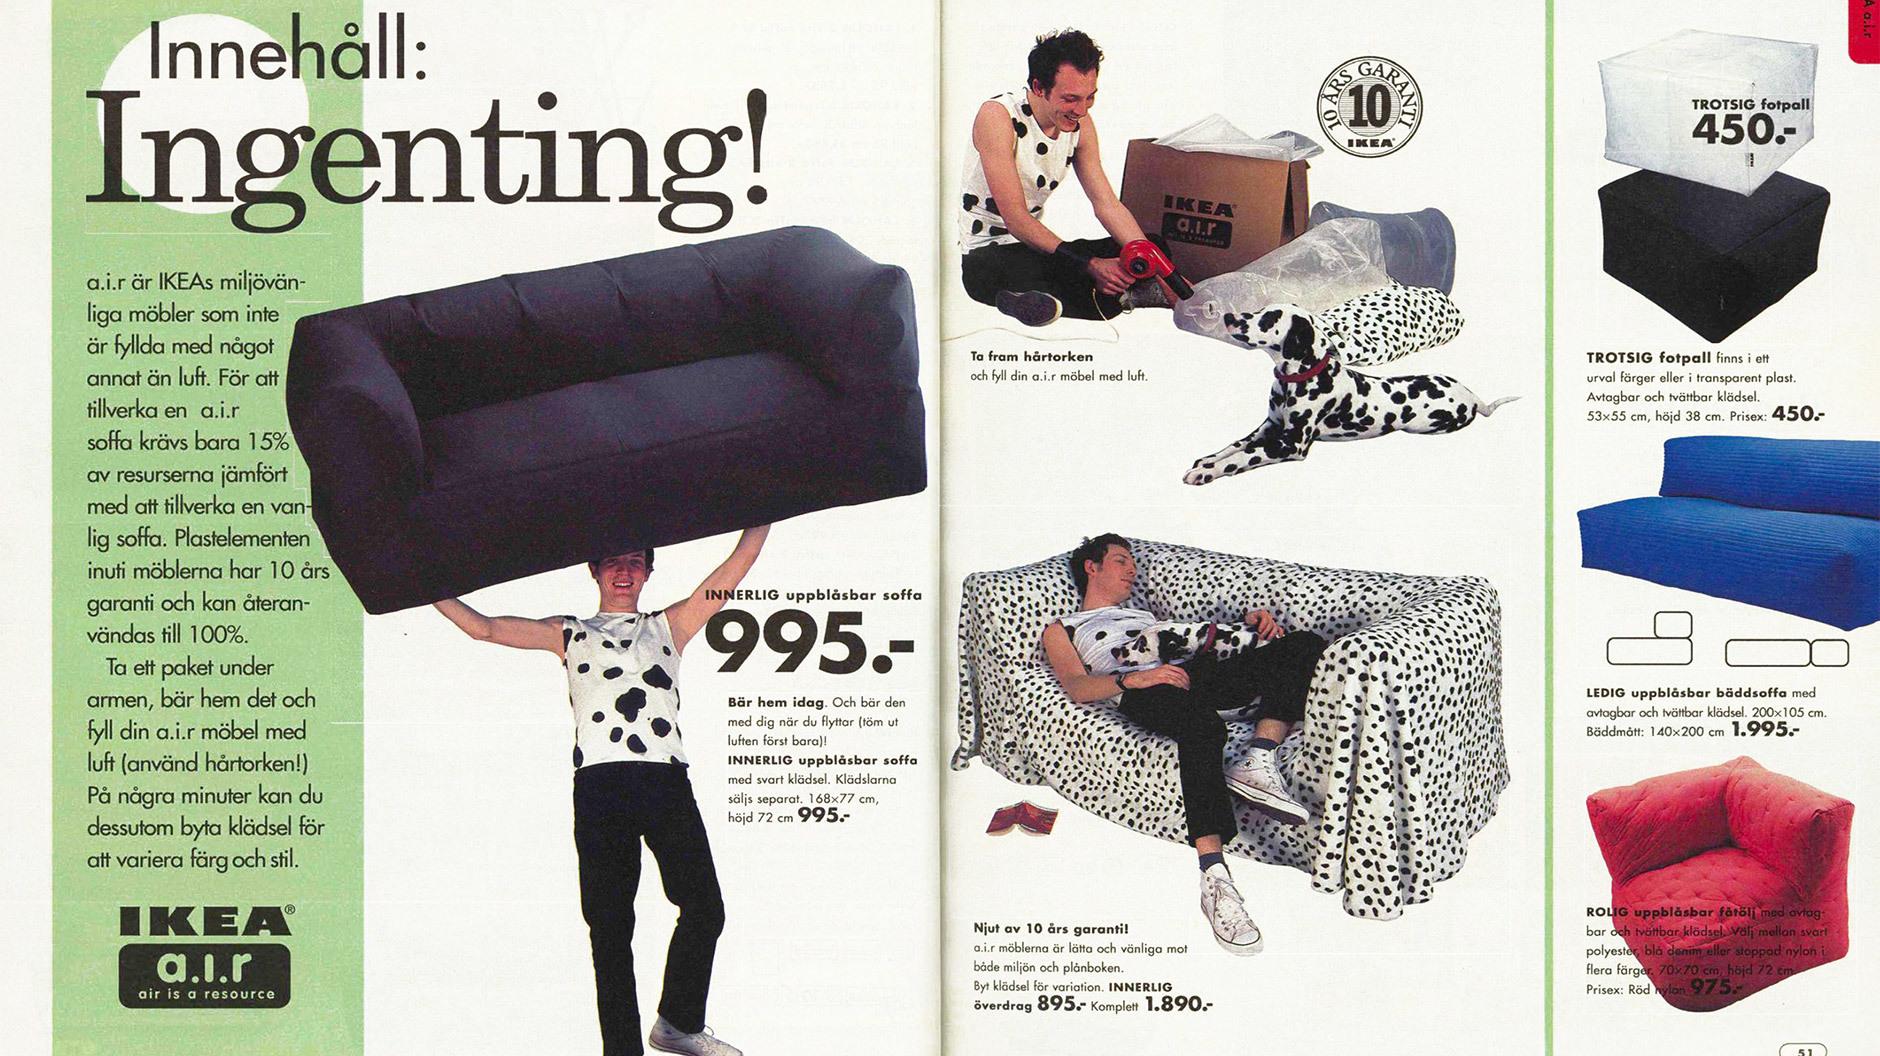 Wenn junge Leute in Dalmatiner-Shirts mit luftgefüllten Sofas wie mit einem Hinkelstein jonglieren, dann werden die erste Realverfilmung von Asterix (1999) und Disneys 1001 Dalmatiner (1996) noch im linearen Fernsehen gezeigt. ©IKEA Katalog 2000